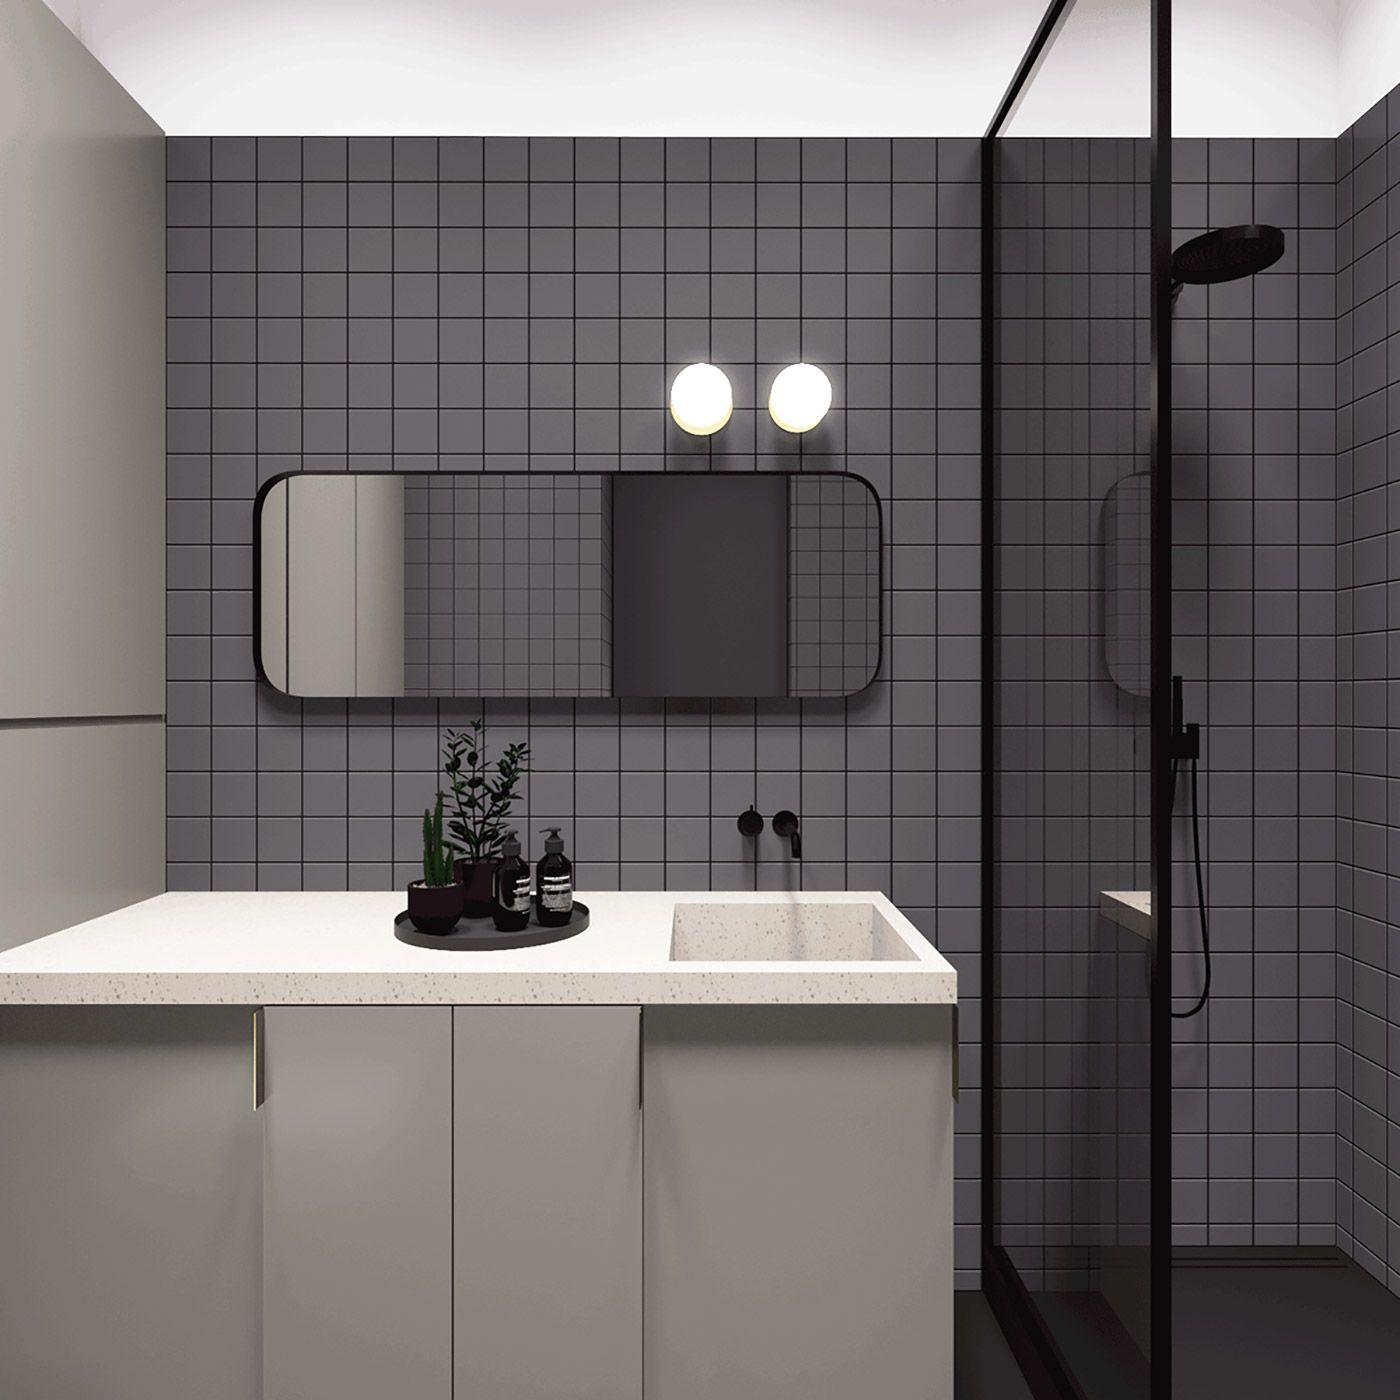 55 Sq Meters Apartment | Bathroom interior, Apartment ...